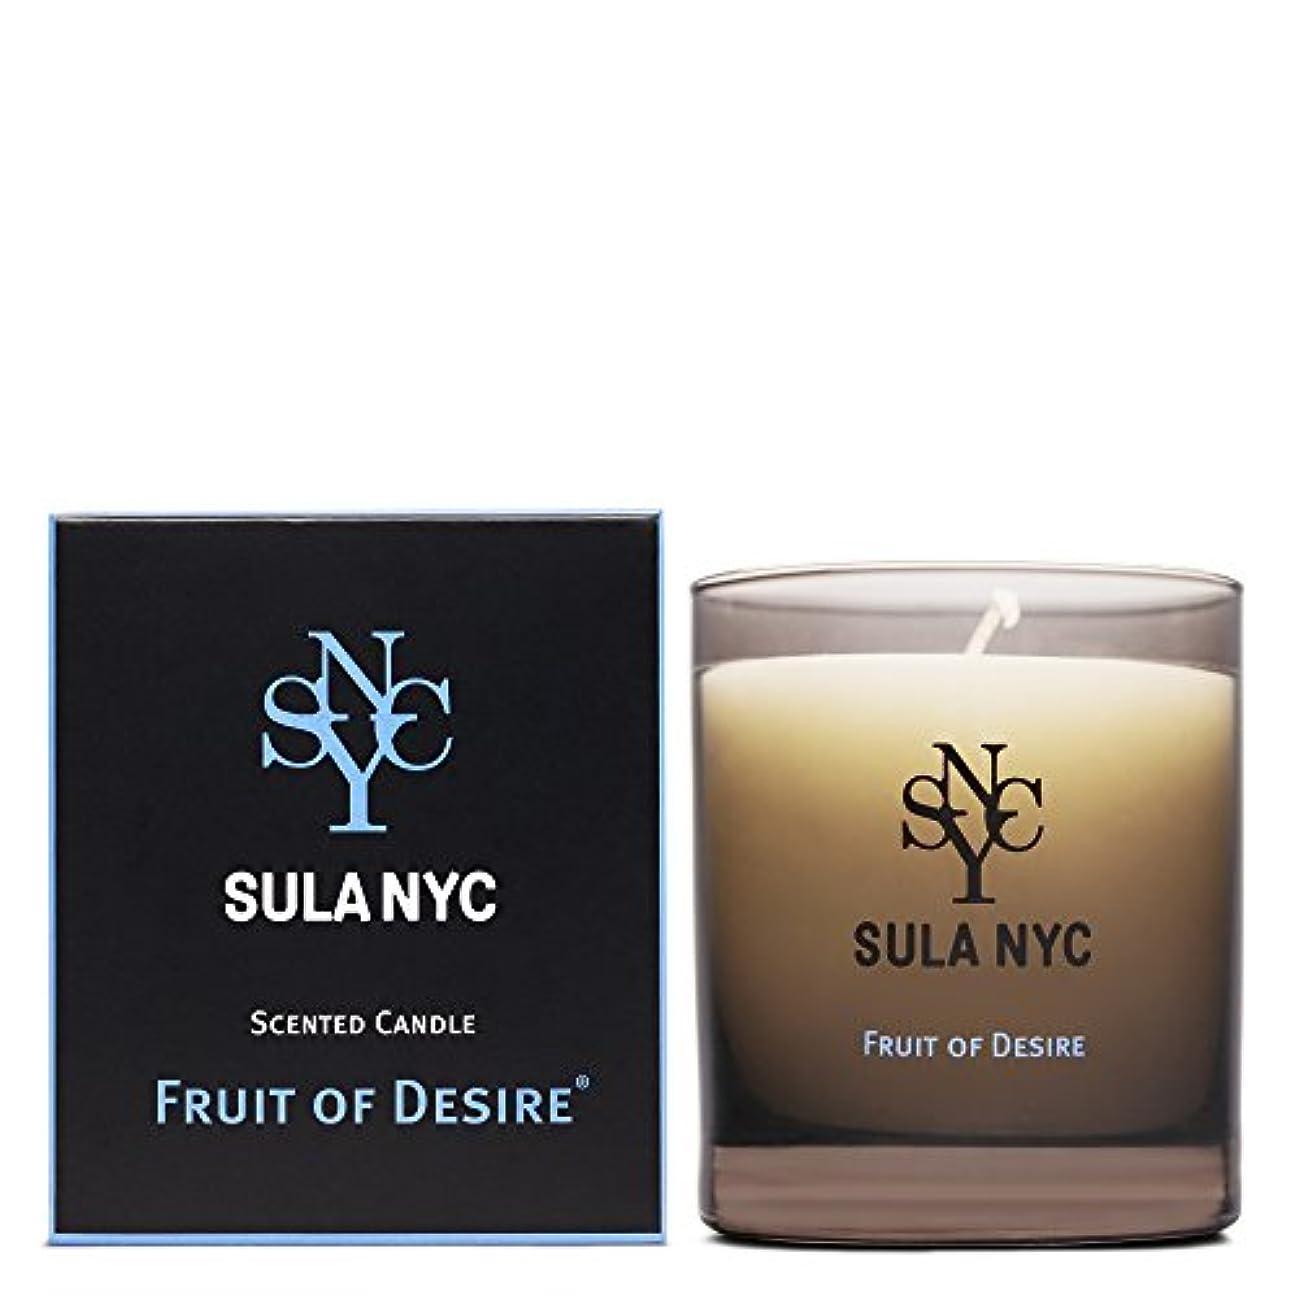 米ドル隠行SULA NYC SCENTED CANDLE FRIT OF DESIRE スーラNYC センティッドキャンドル フルーツ?オブ?ディザイアー